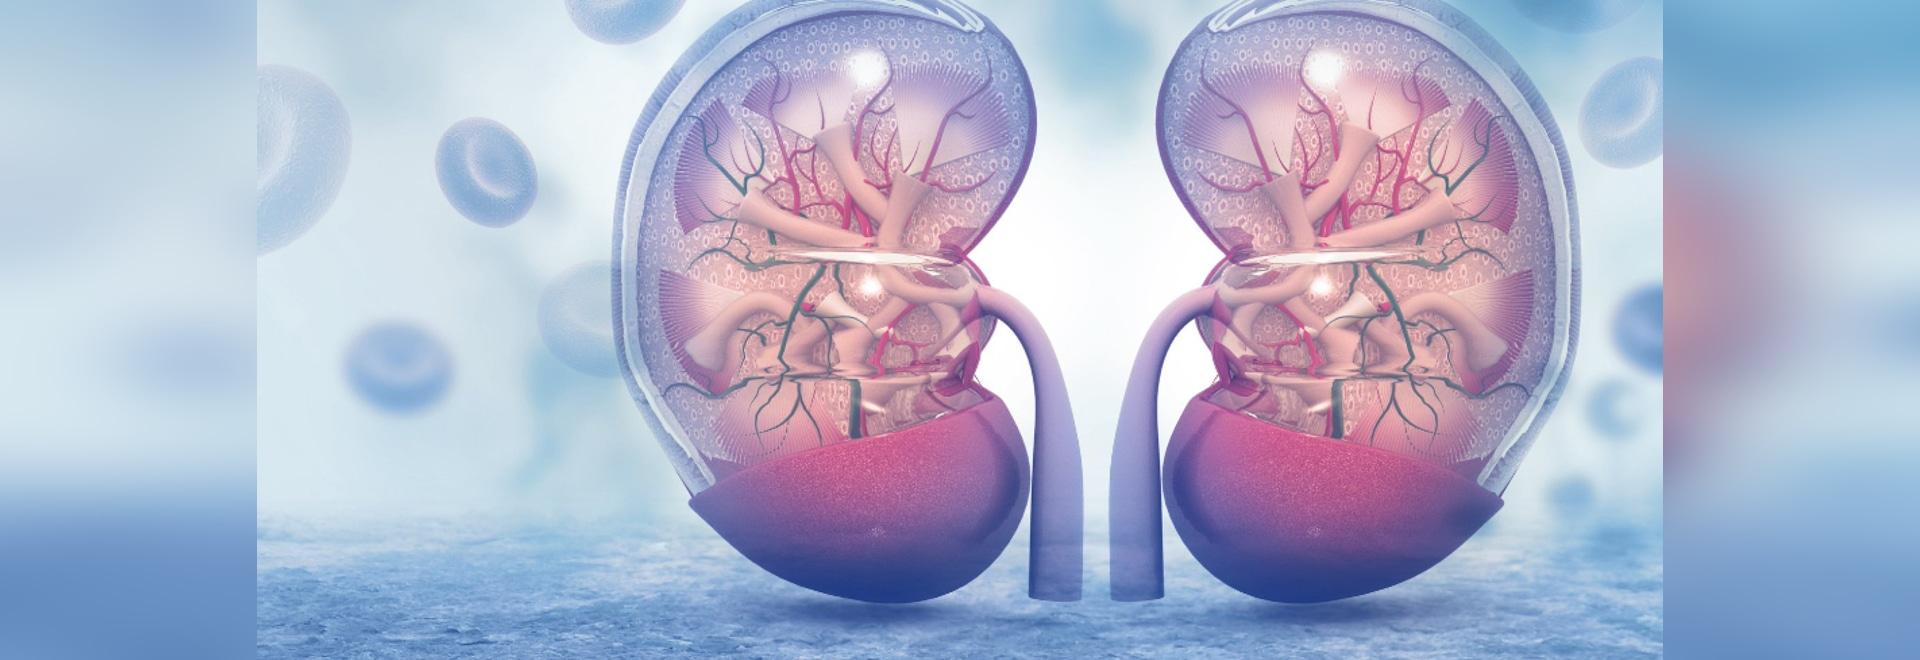 Maladie rénale vulnérable à la thérapie nanoe visée